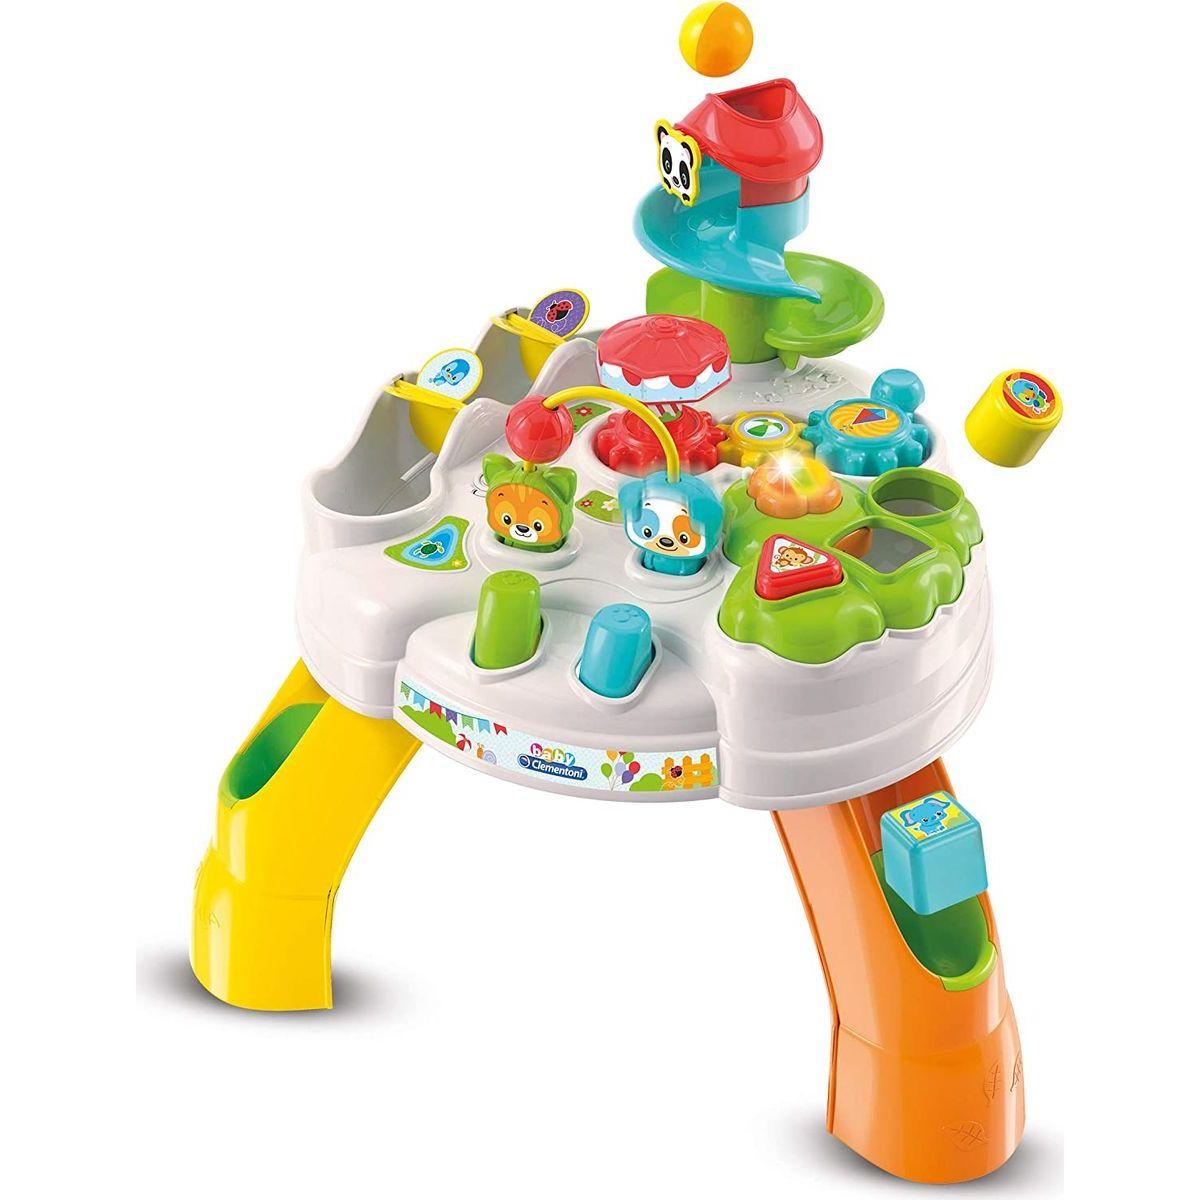 Clementoni Clemmy baby Veselý hrací stolek s kostkami a zvířátky